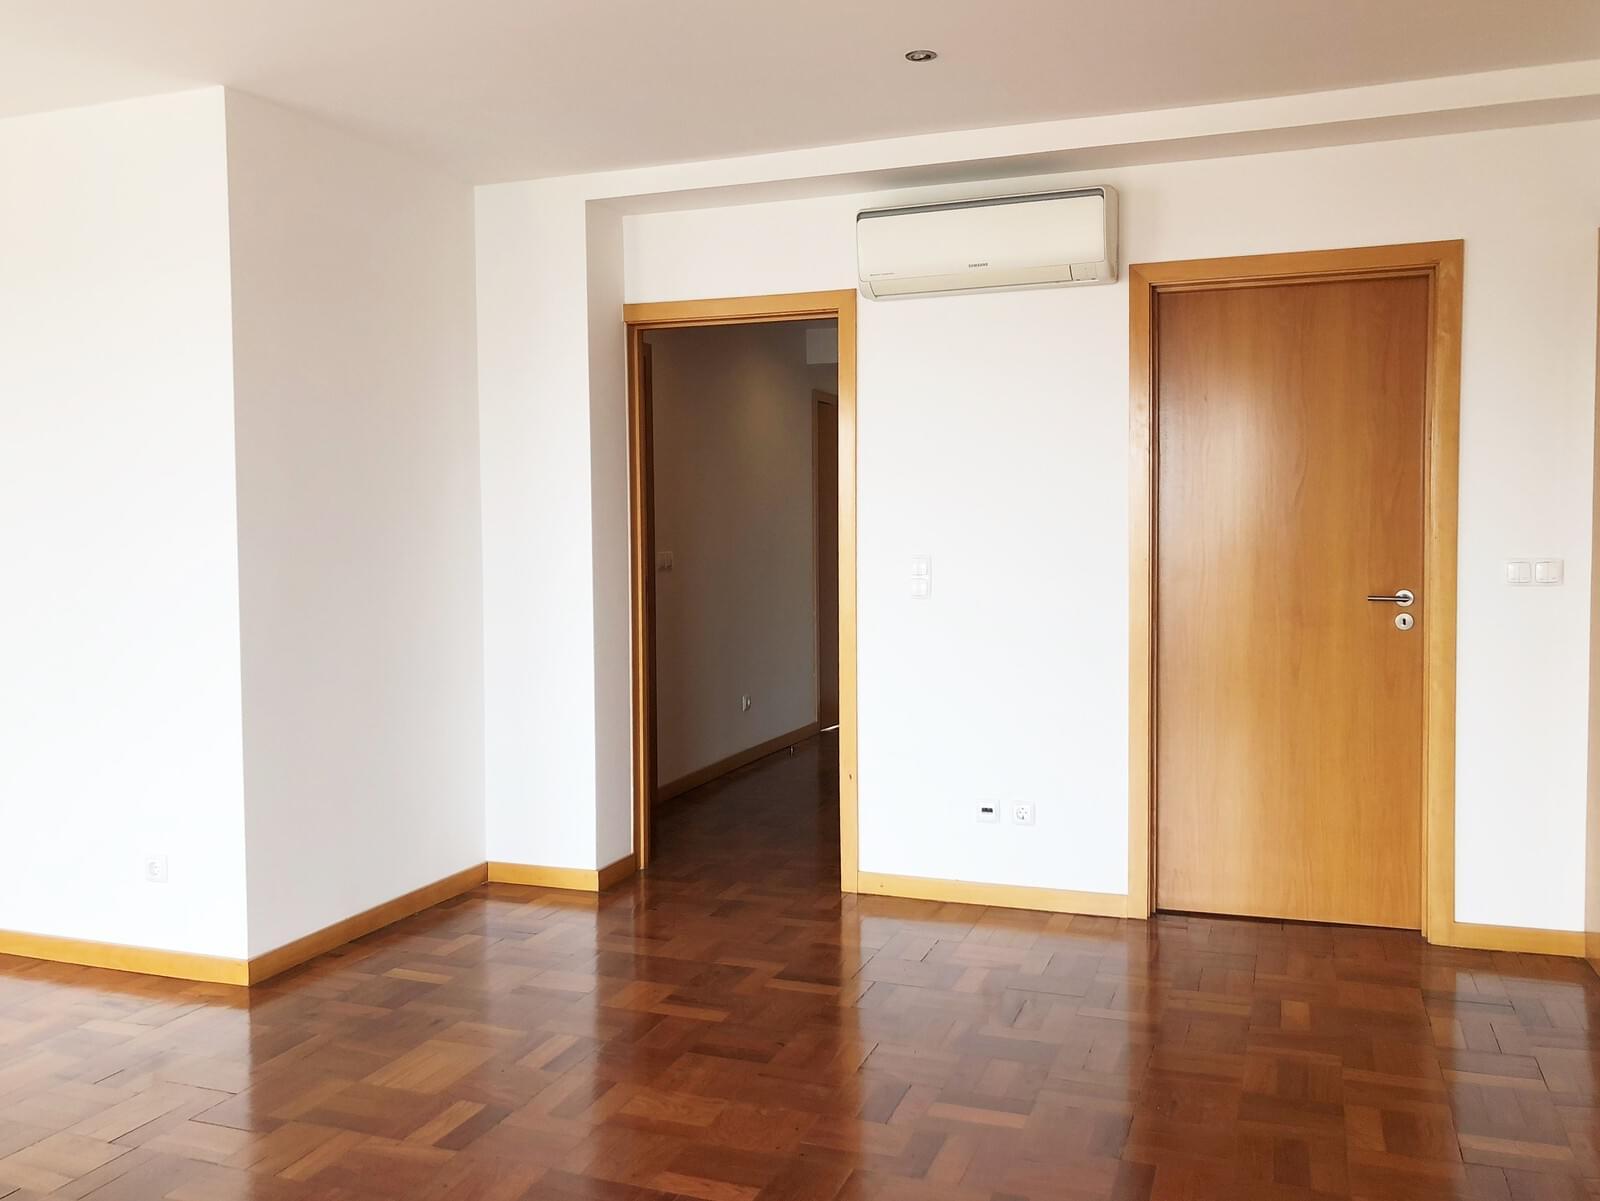 pf18040-apartamento-t3-lisboa-32e88e02-ad0a-48f4-afb5-366994e3c135